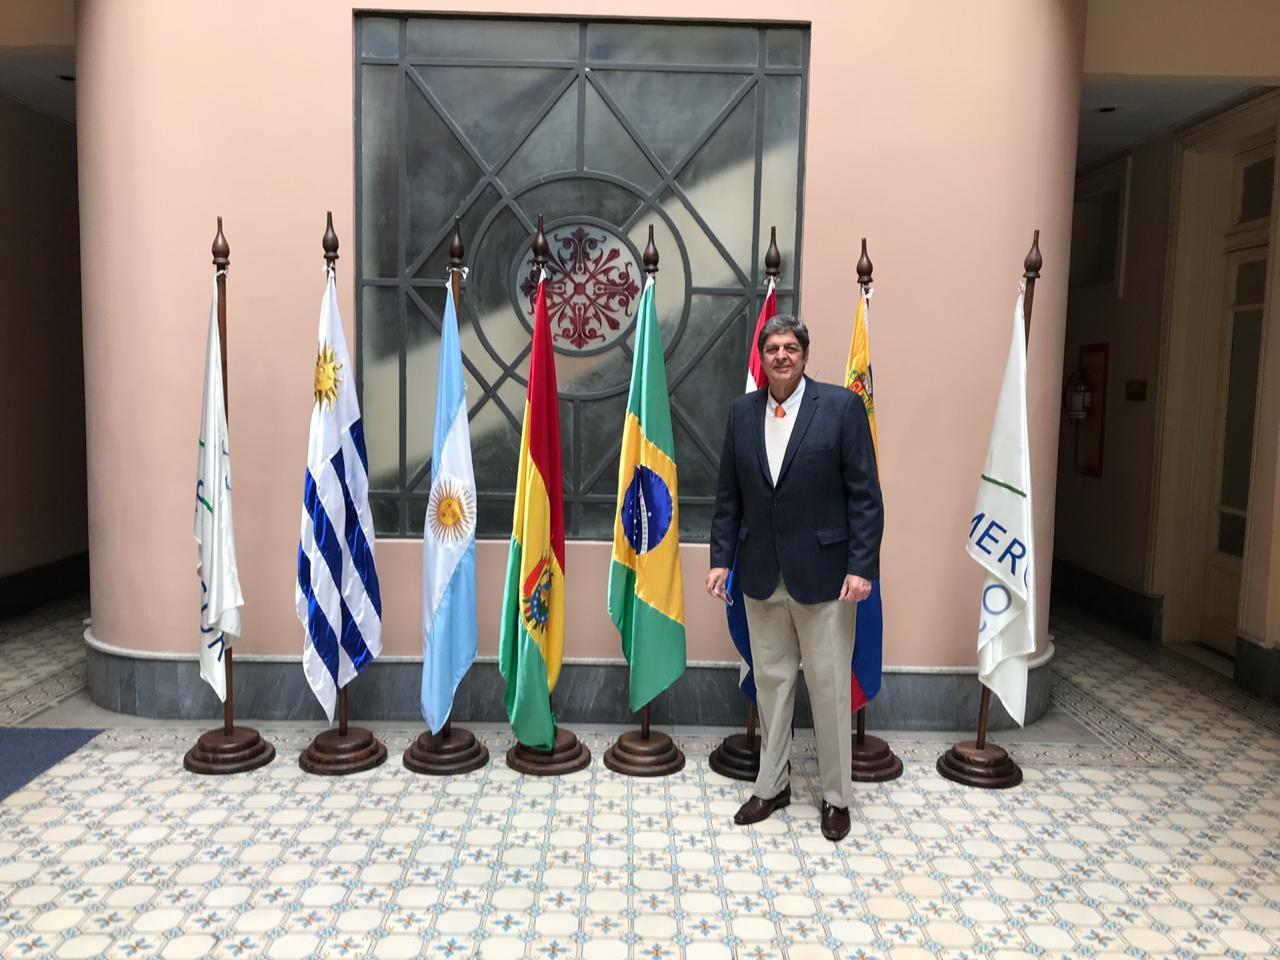 Em Montevidéu/Uruguai, Renato Cunha, Presidente do SINDAÇÚCAR/PE, acompanhando a Coalizão Empresarial Brasileira da CNI nas negociações do MERCOSUL - União Européia, dia 12/setembro/2018